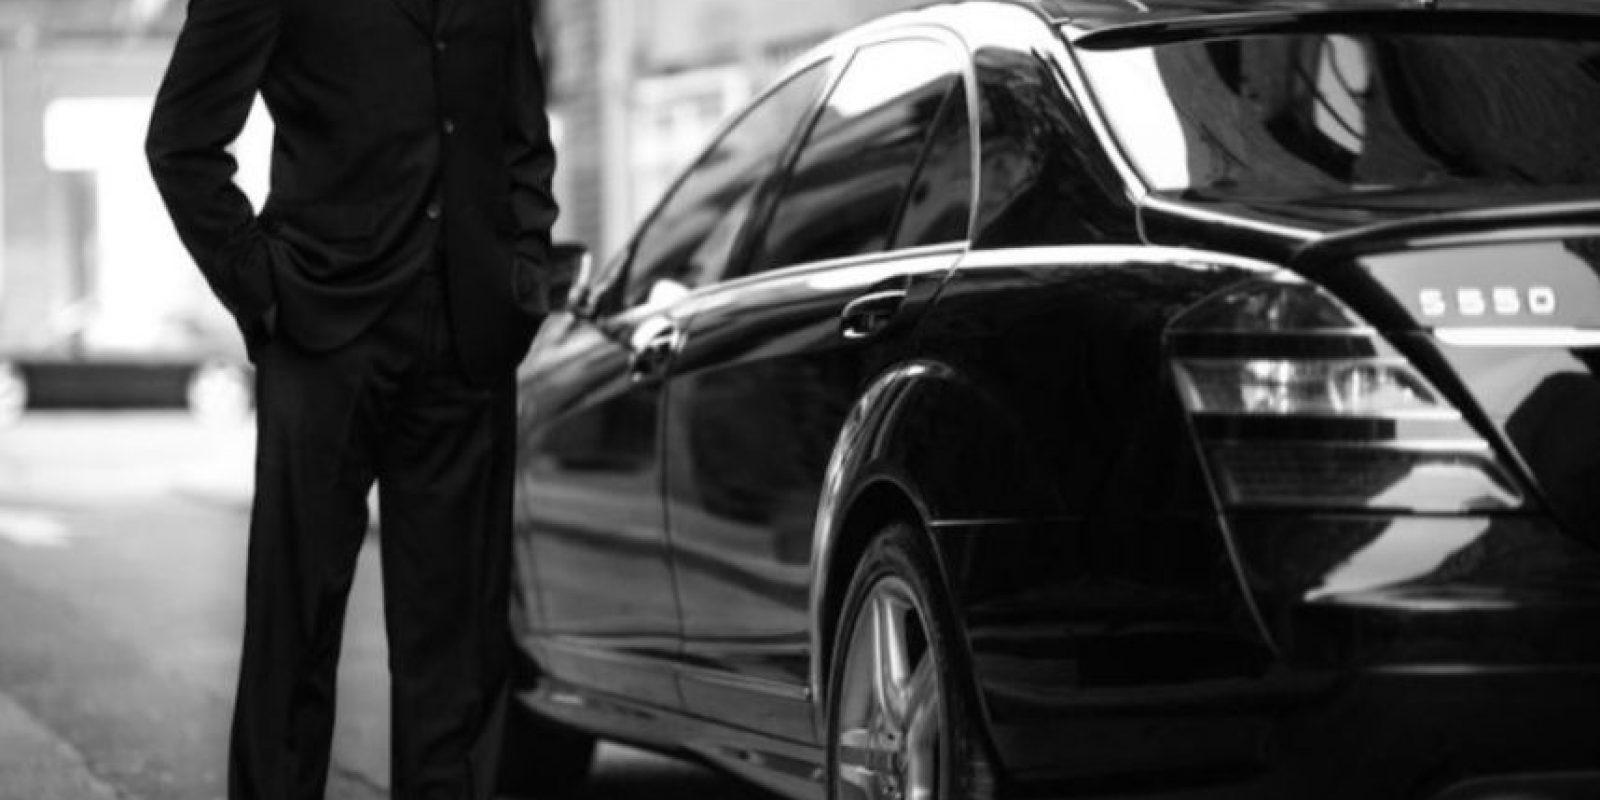 Asimismo, conductores llaman a los pasajeros para verificar que no se trata de una trampa por parte de taxistas. Foto:Uber